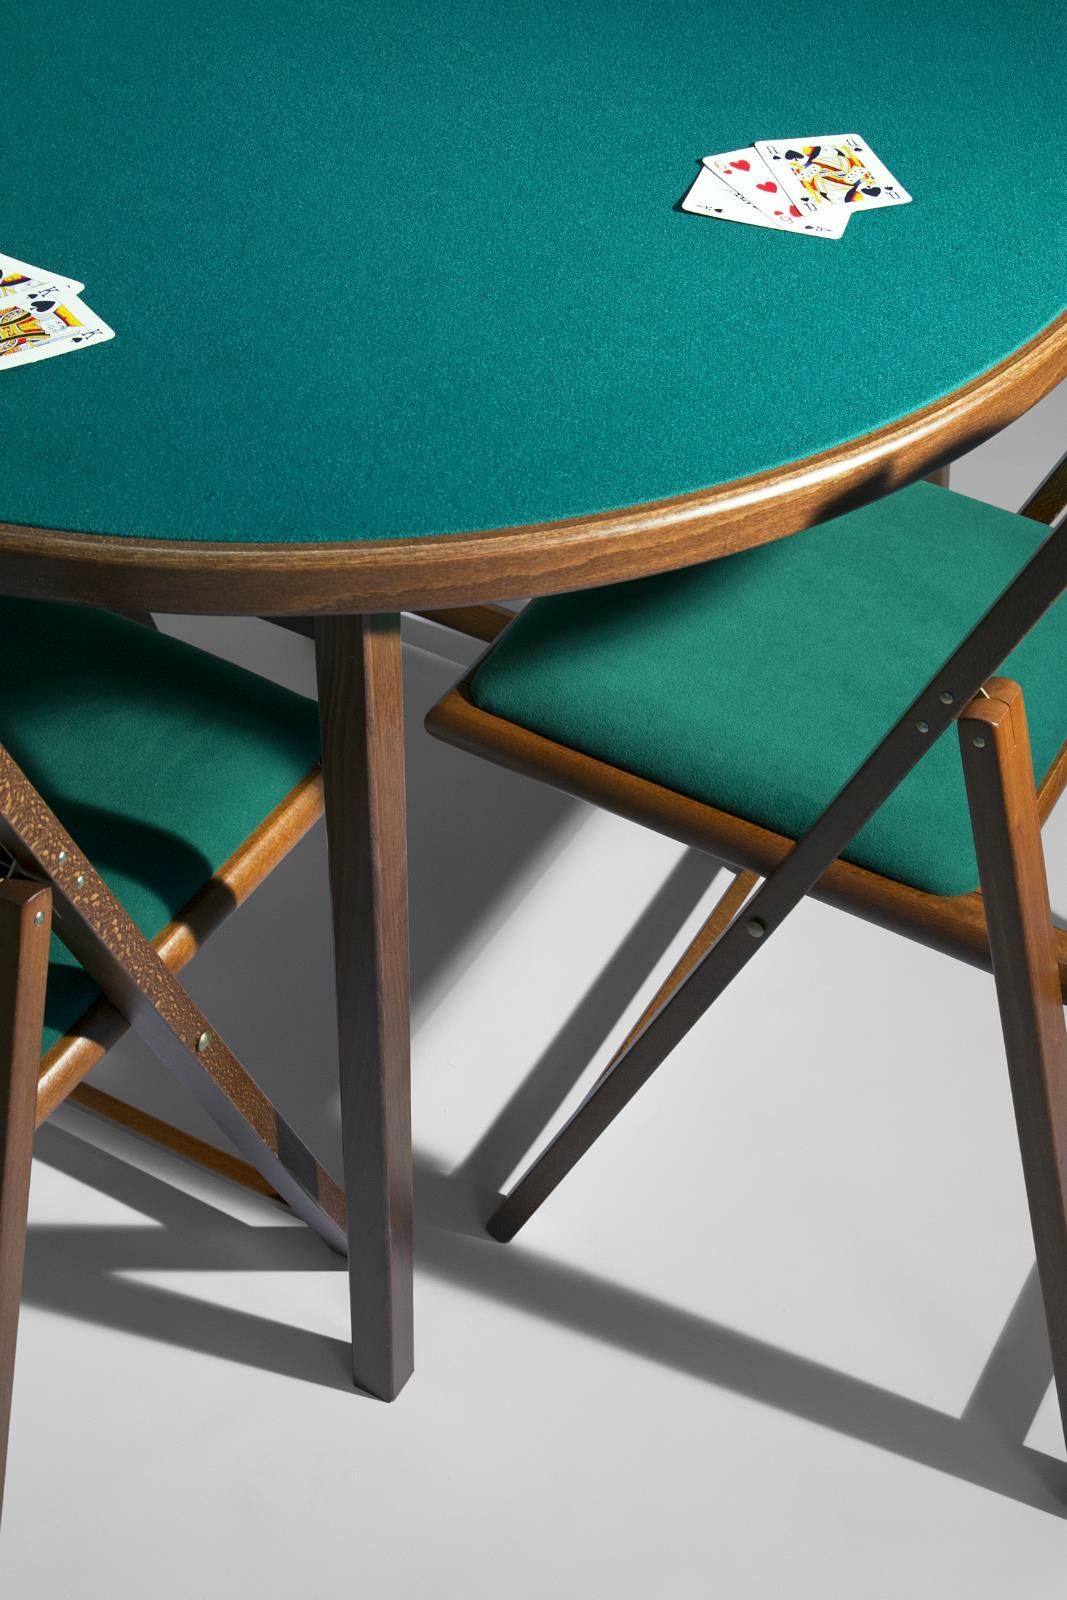 Tavolo da gioco moon fratelli del fabbro srl - Waterloo gioco da tavolo ...